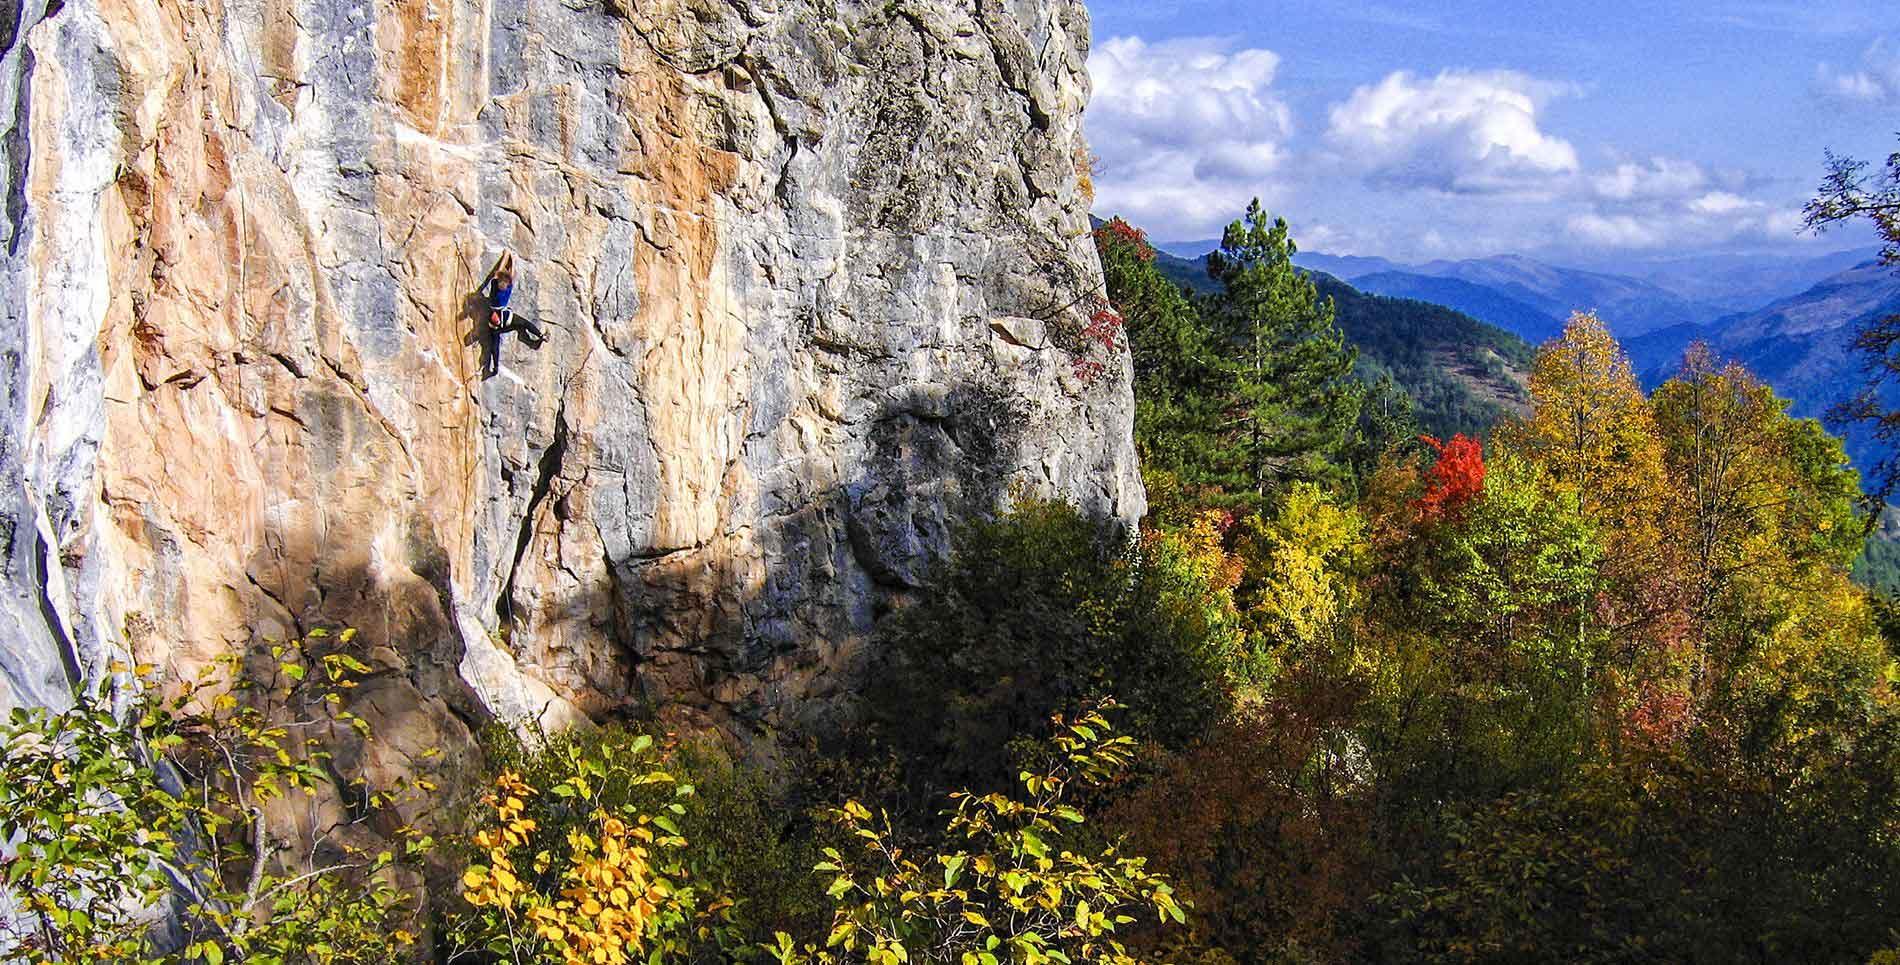 kalymnos calendar climbing courses